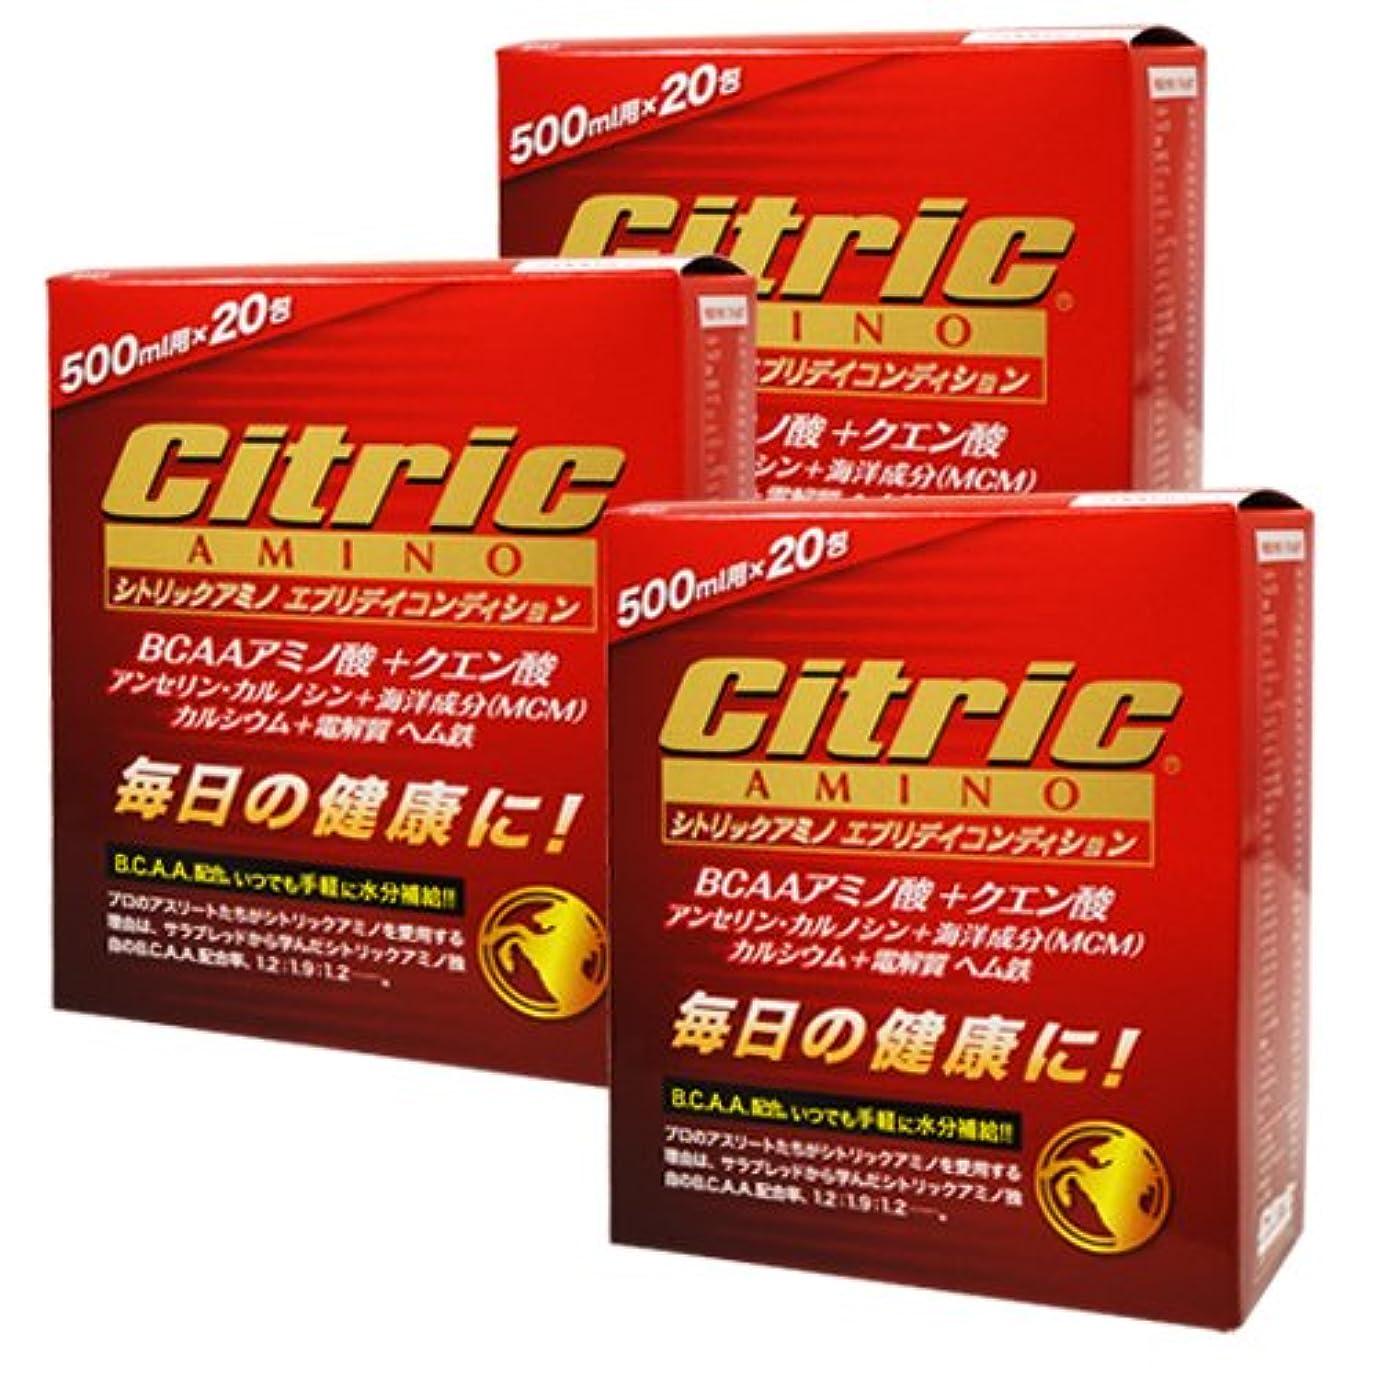 報酬マナー冷えるシトリックアミノ エブリデイコンディション 120g(6g×20包)×3箱